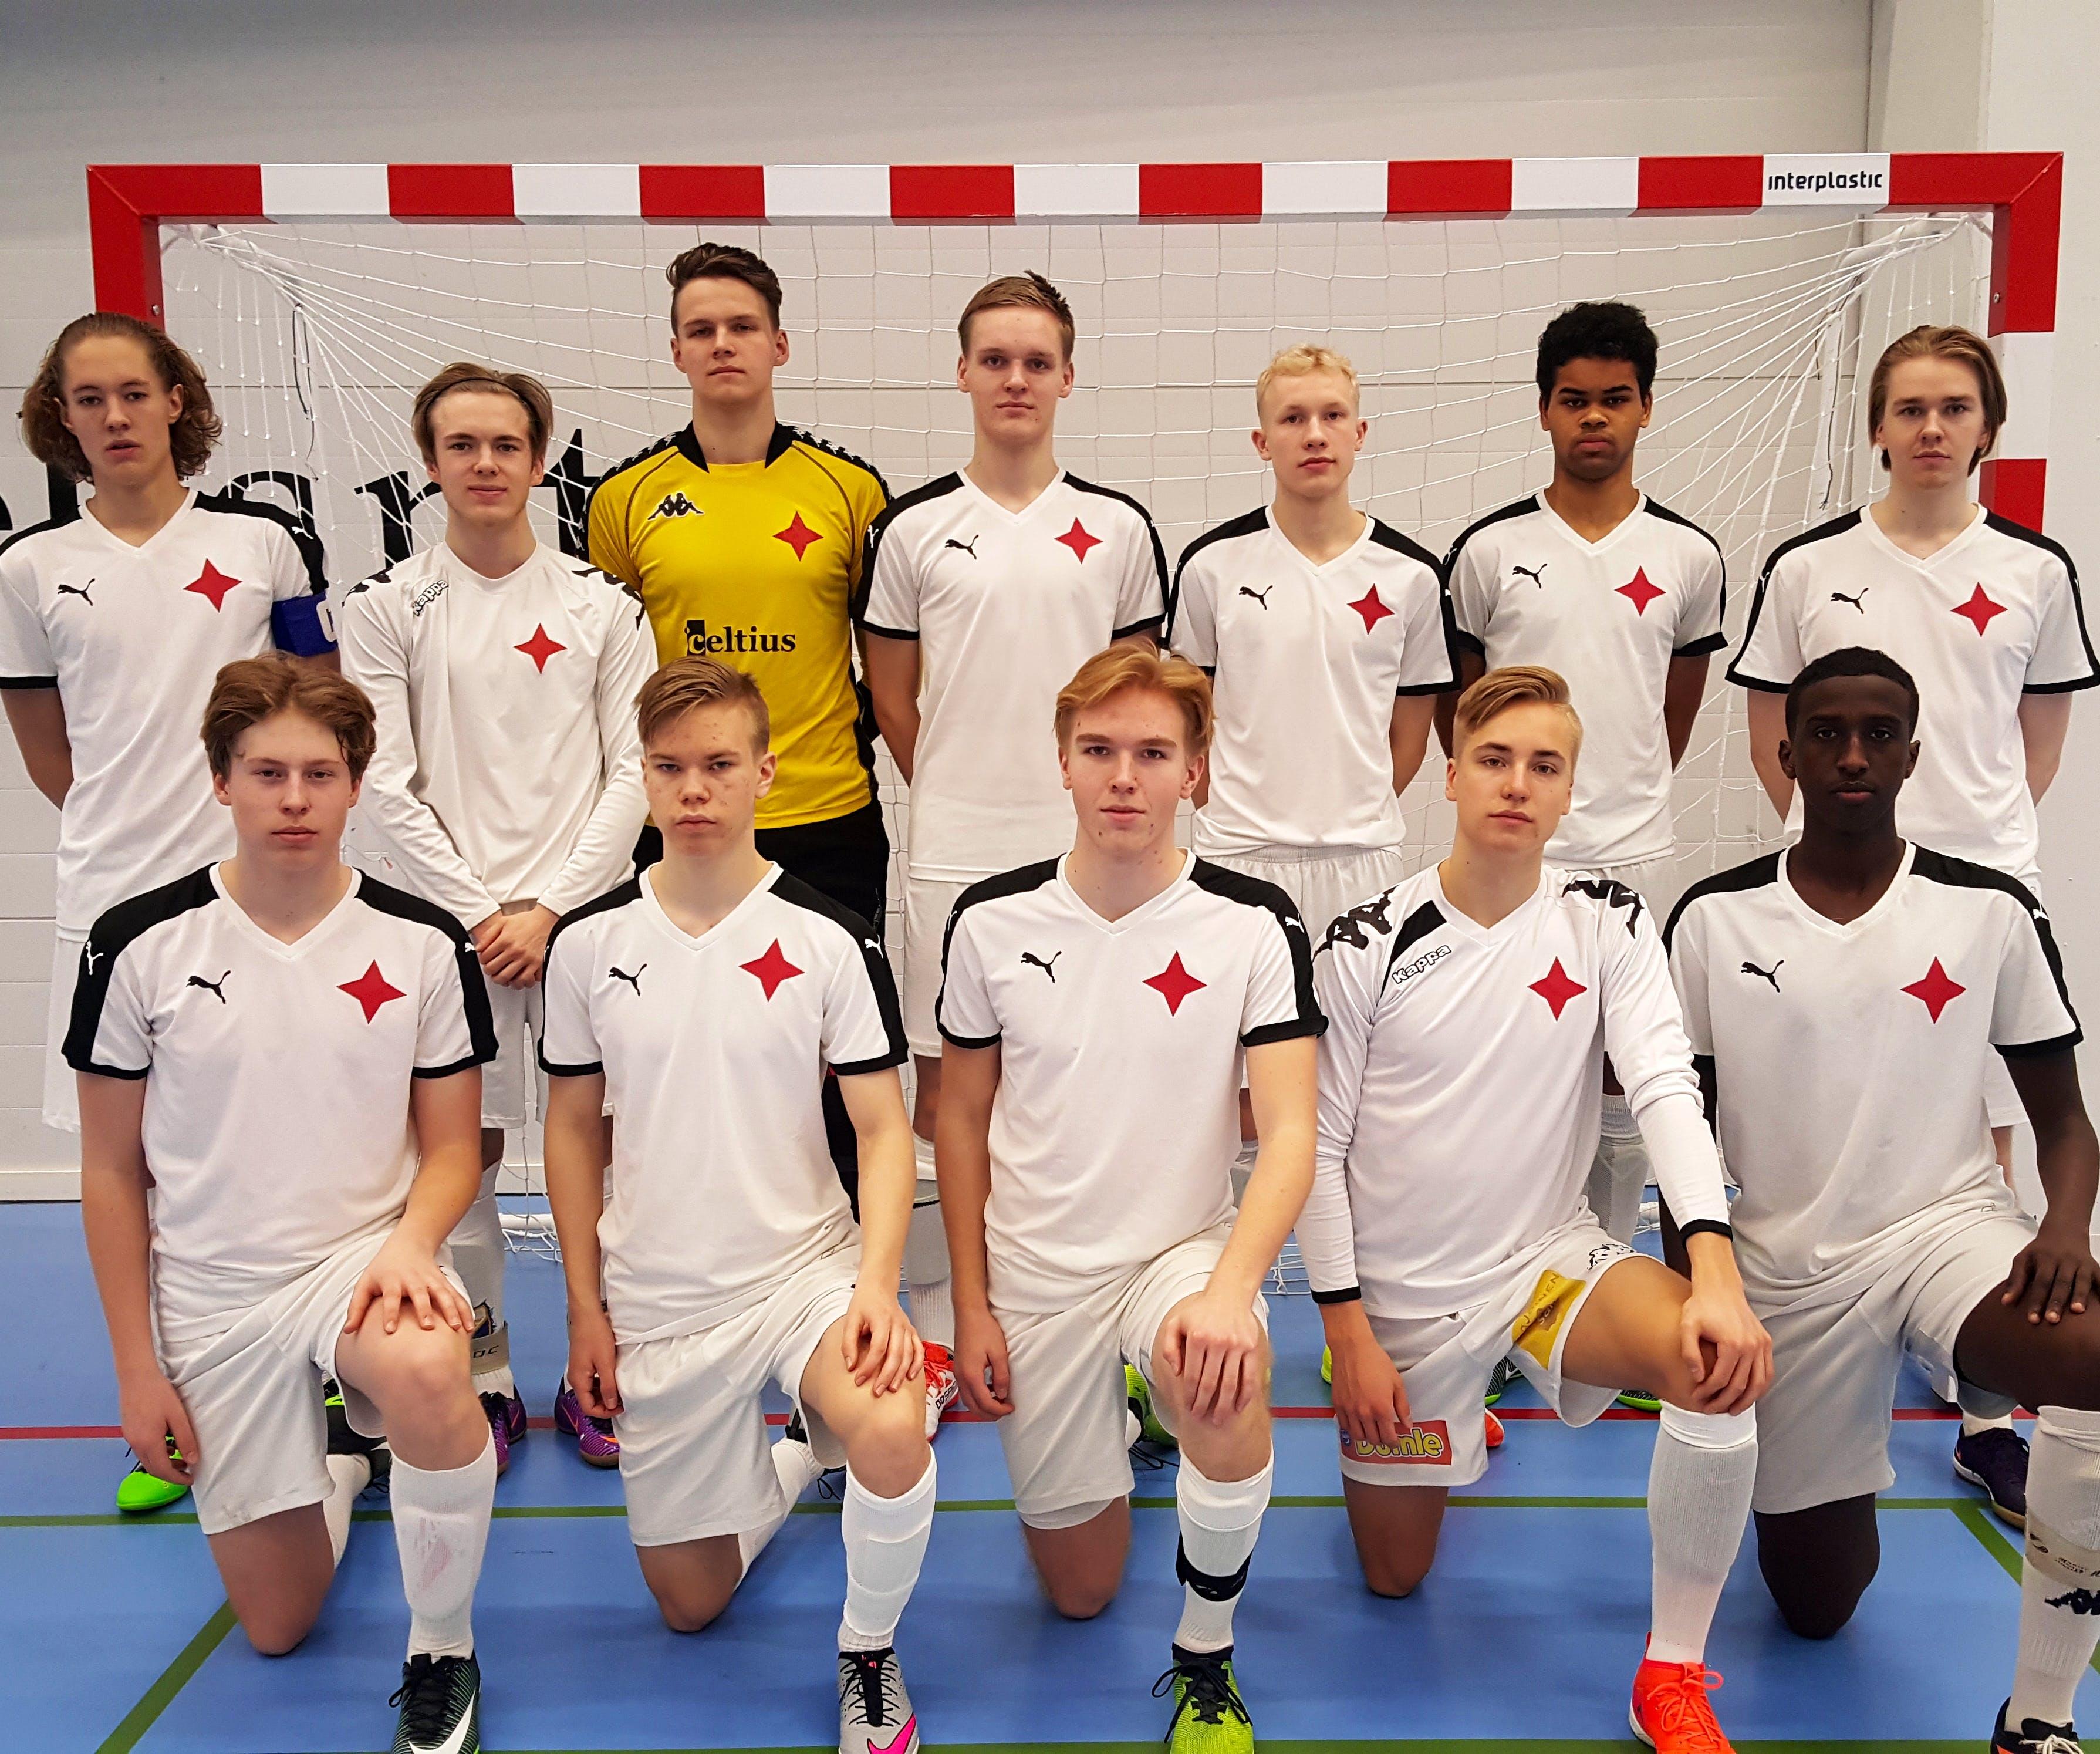 HIFK jäi mitaleitta U19 Futsal Liigan lopputurnauksessa